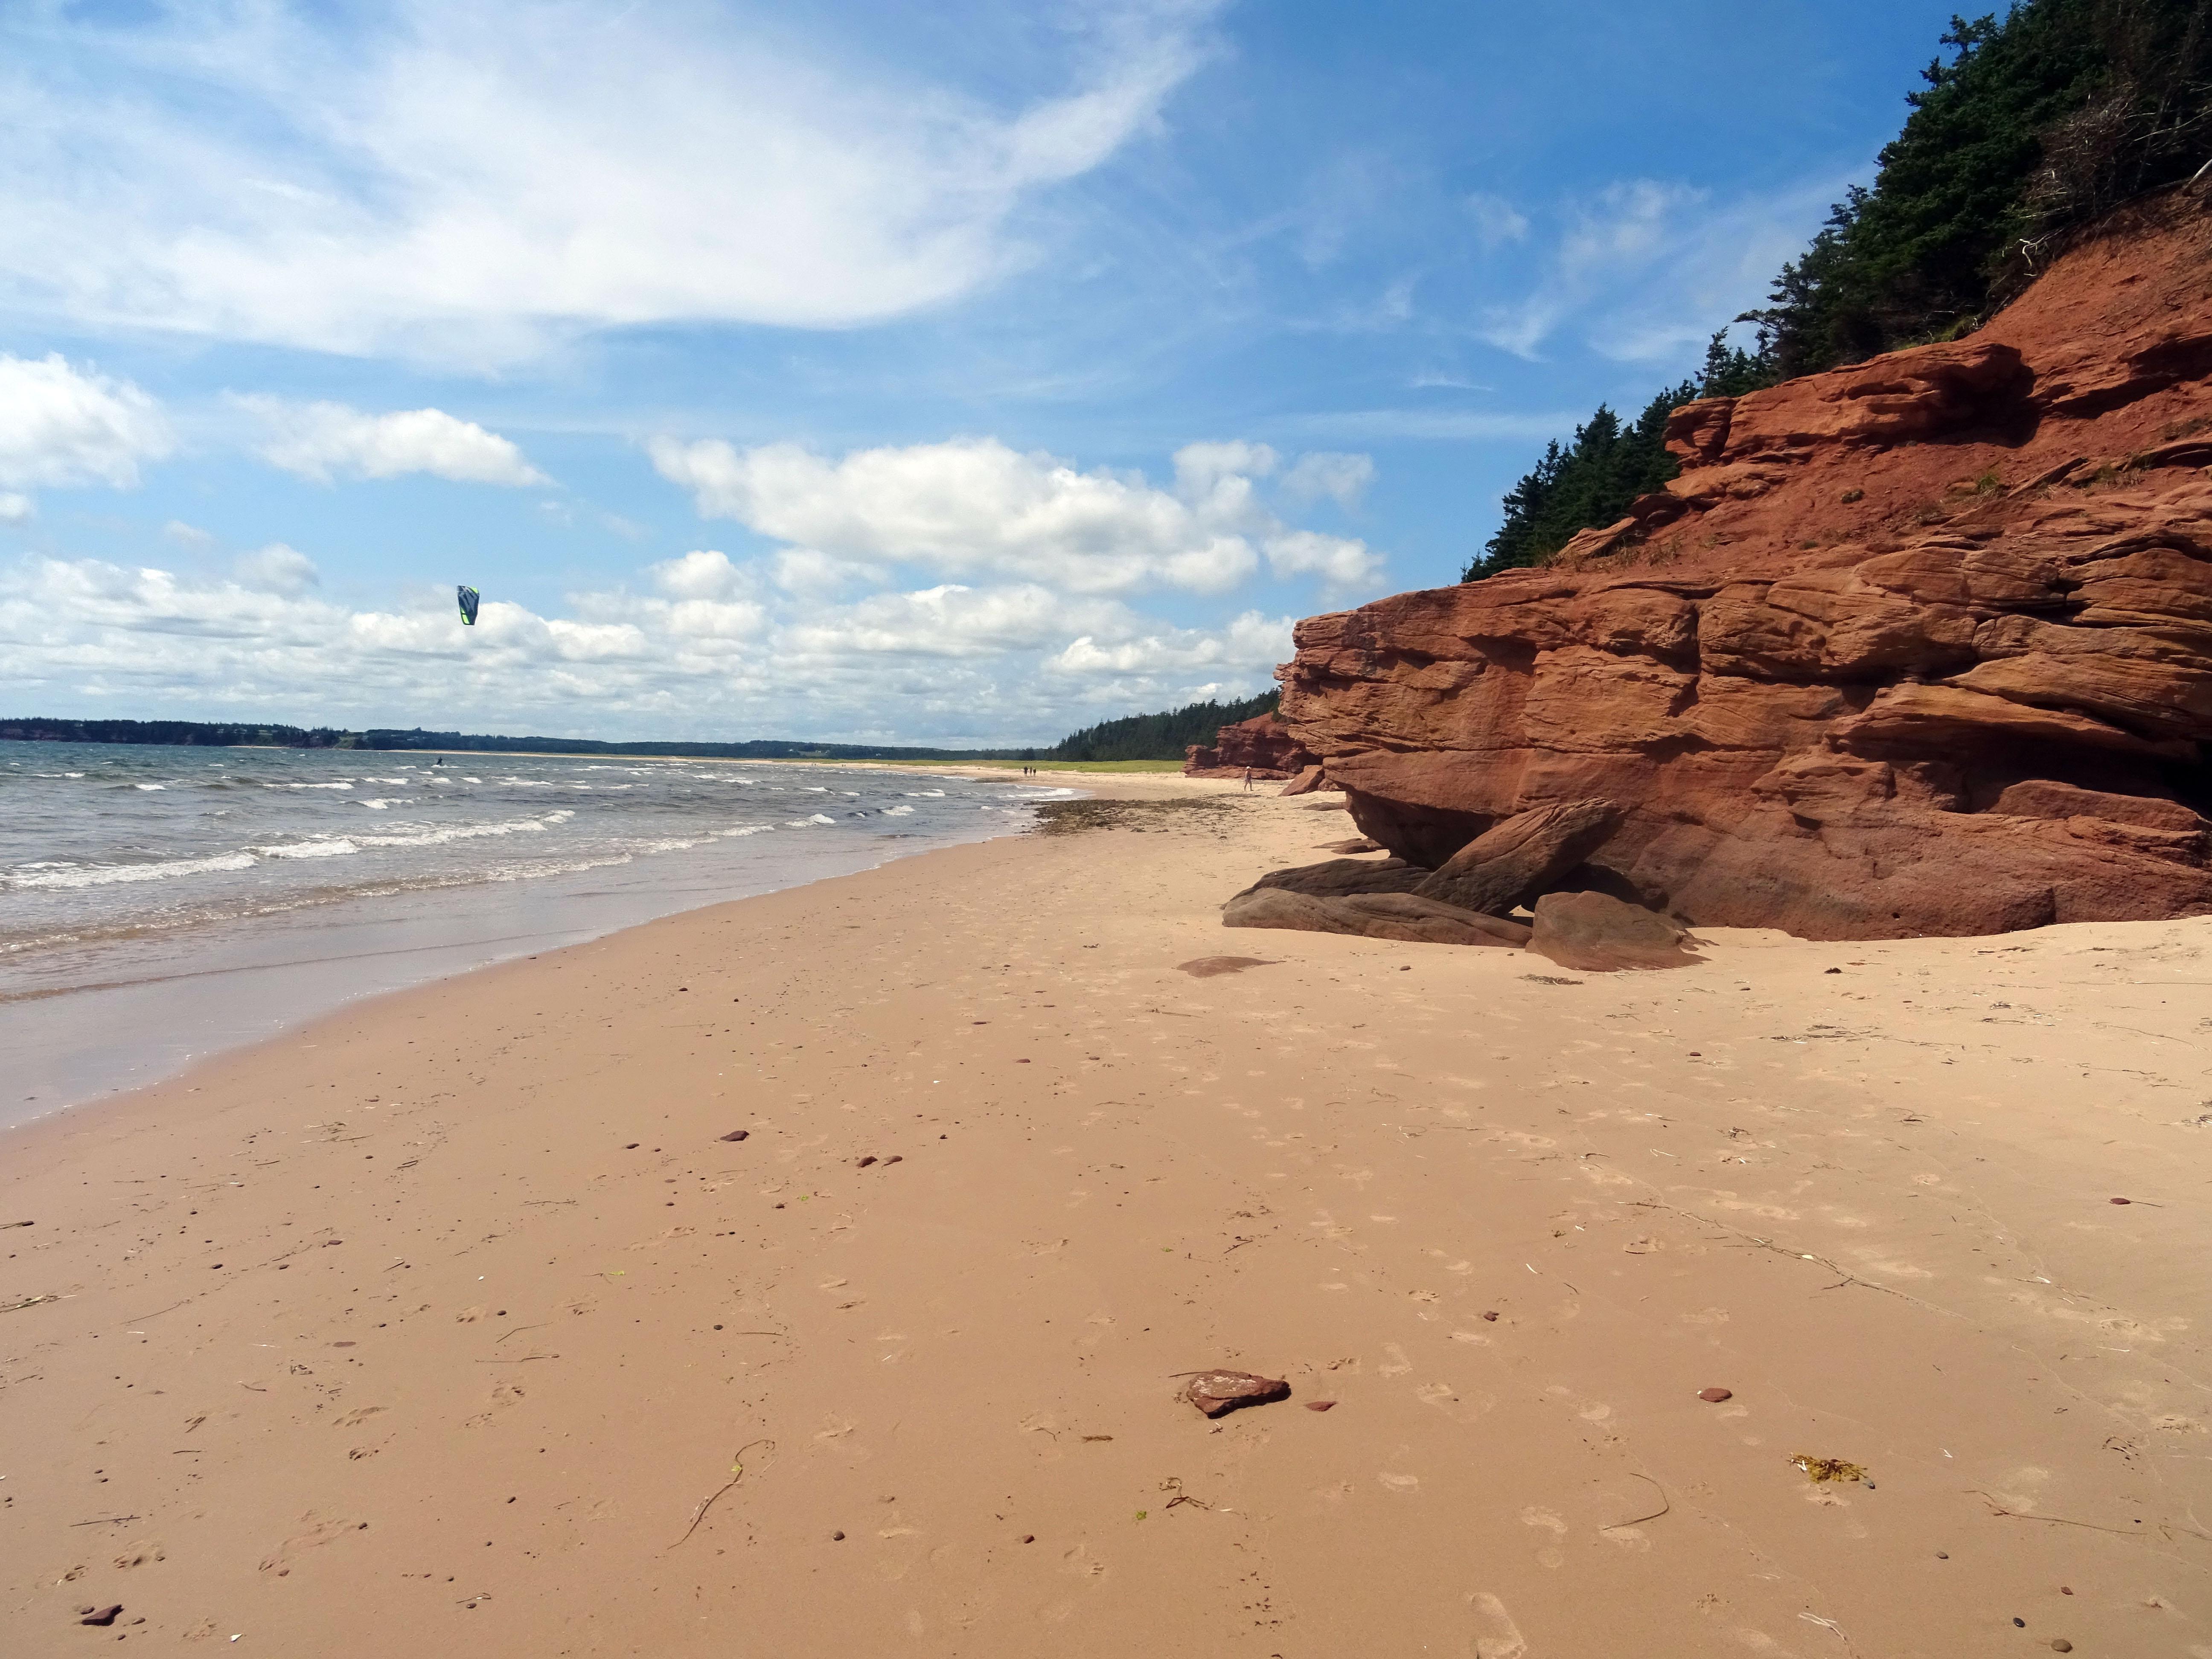 Plage Canada ile du prince edouard Red point provincial park itinéraire road trip est canadien en été